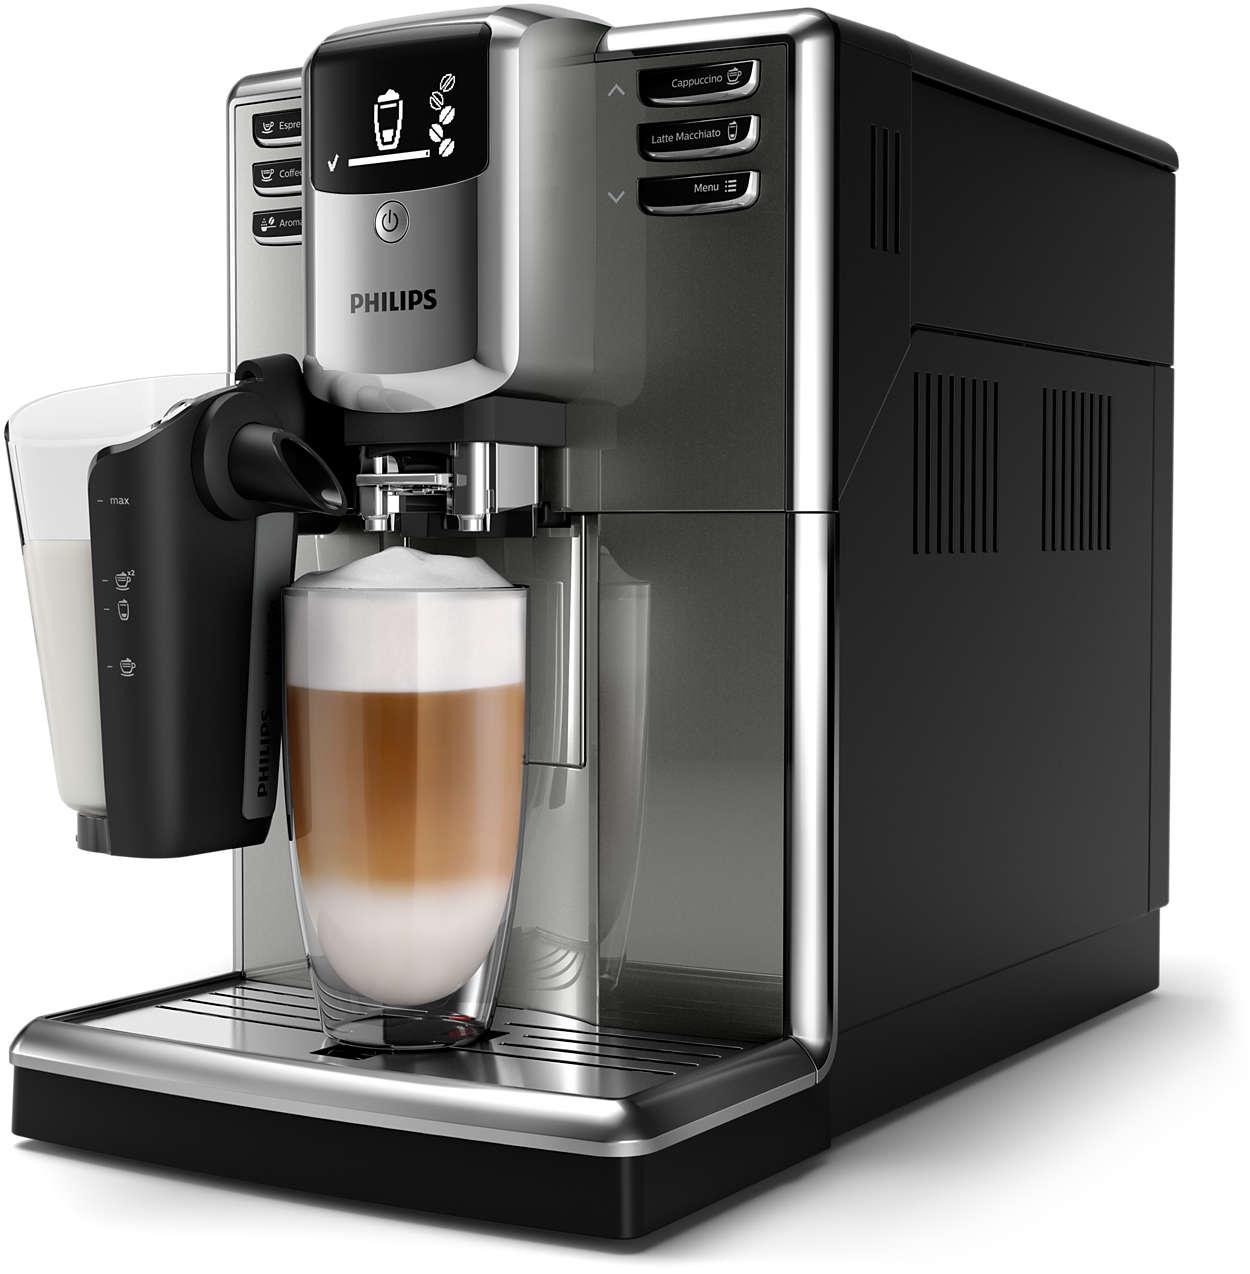 6 variedades de café con granos recién molidos con facilidad